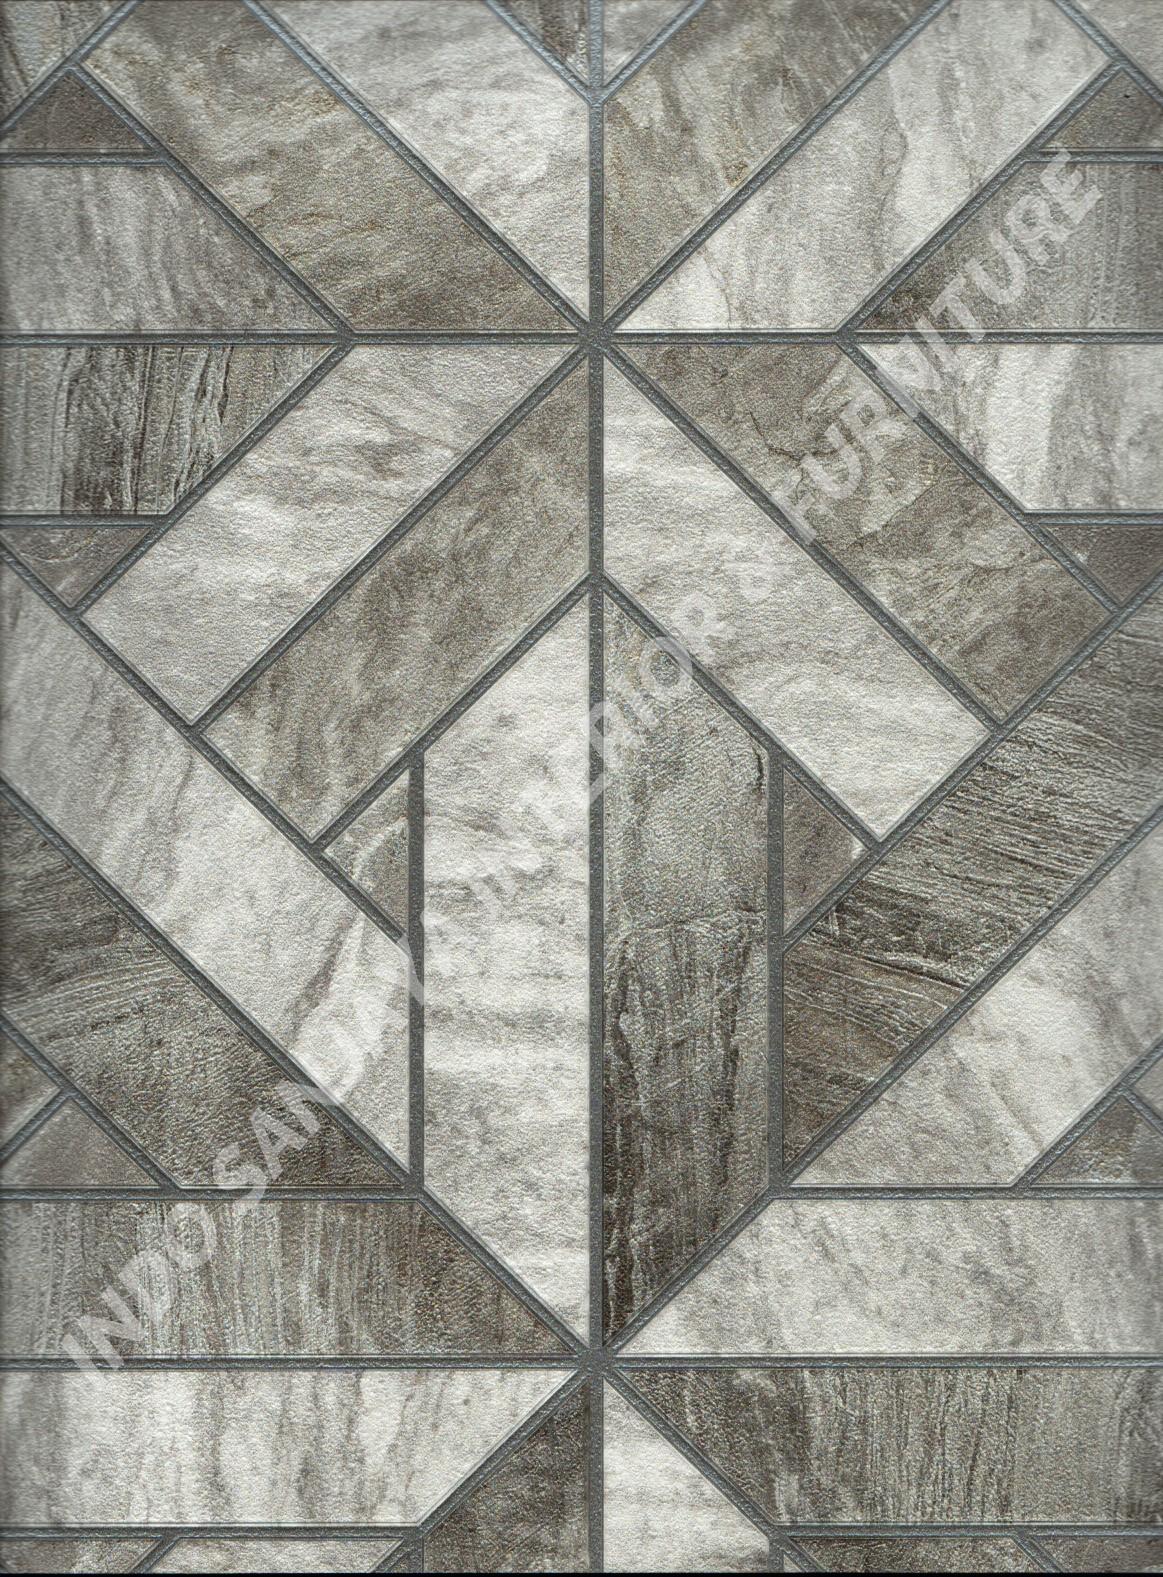 wallpaper ASSEMBLE:40118-1 corak Batu-Batuan ,Minimalis / Polos warna Abu-Abu